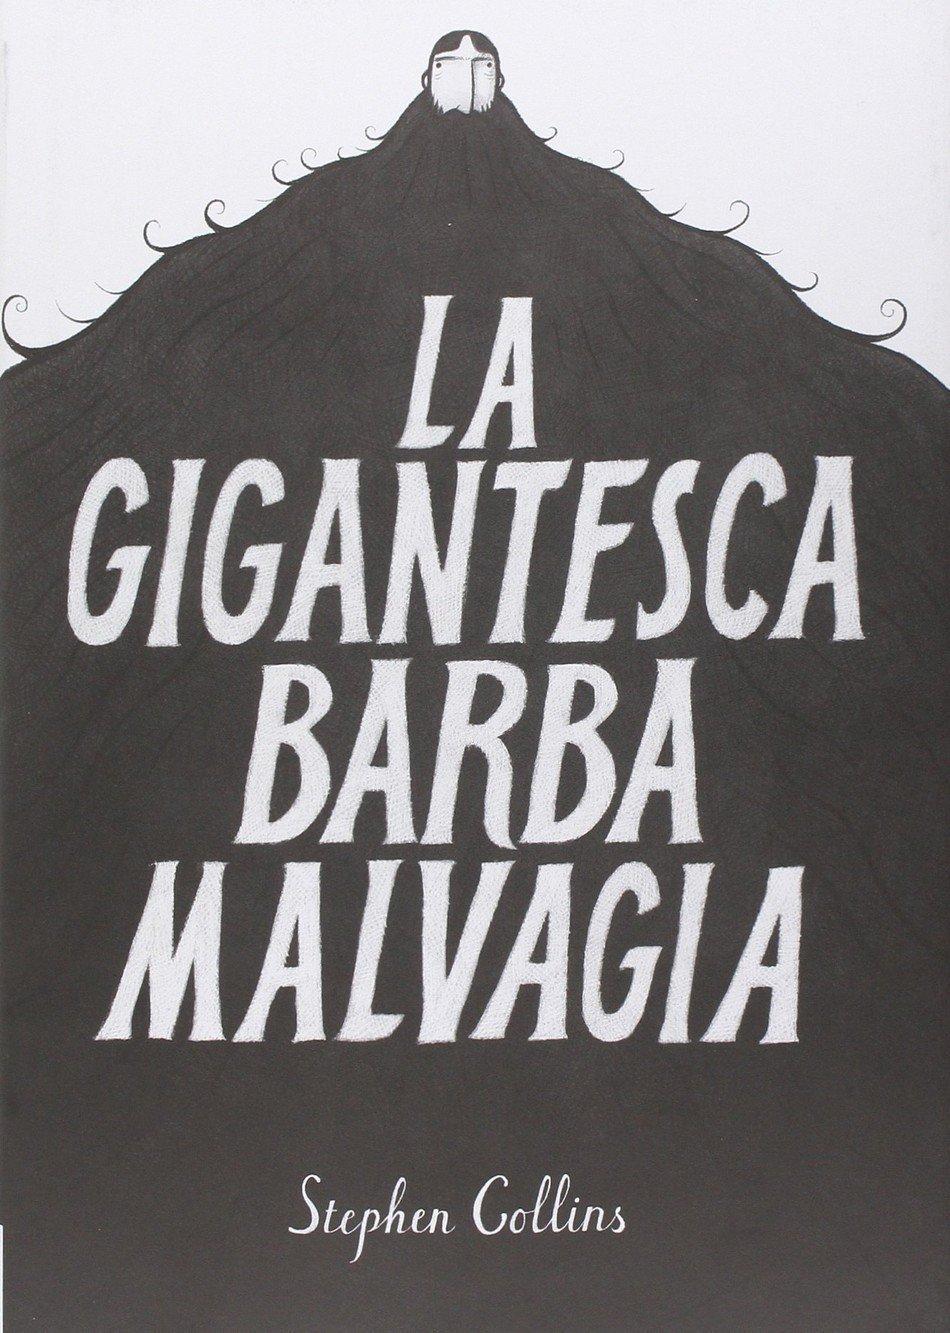 la gigantesca barba malvagia-cover